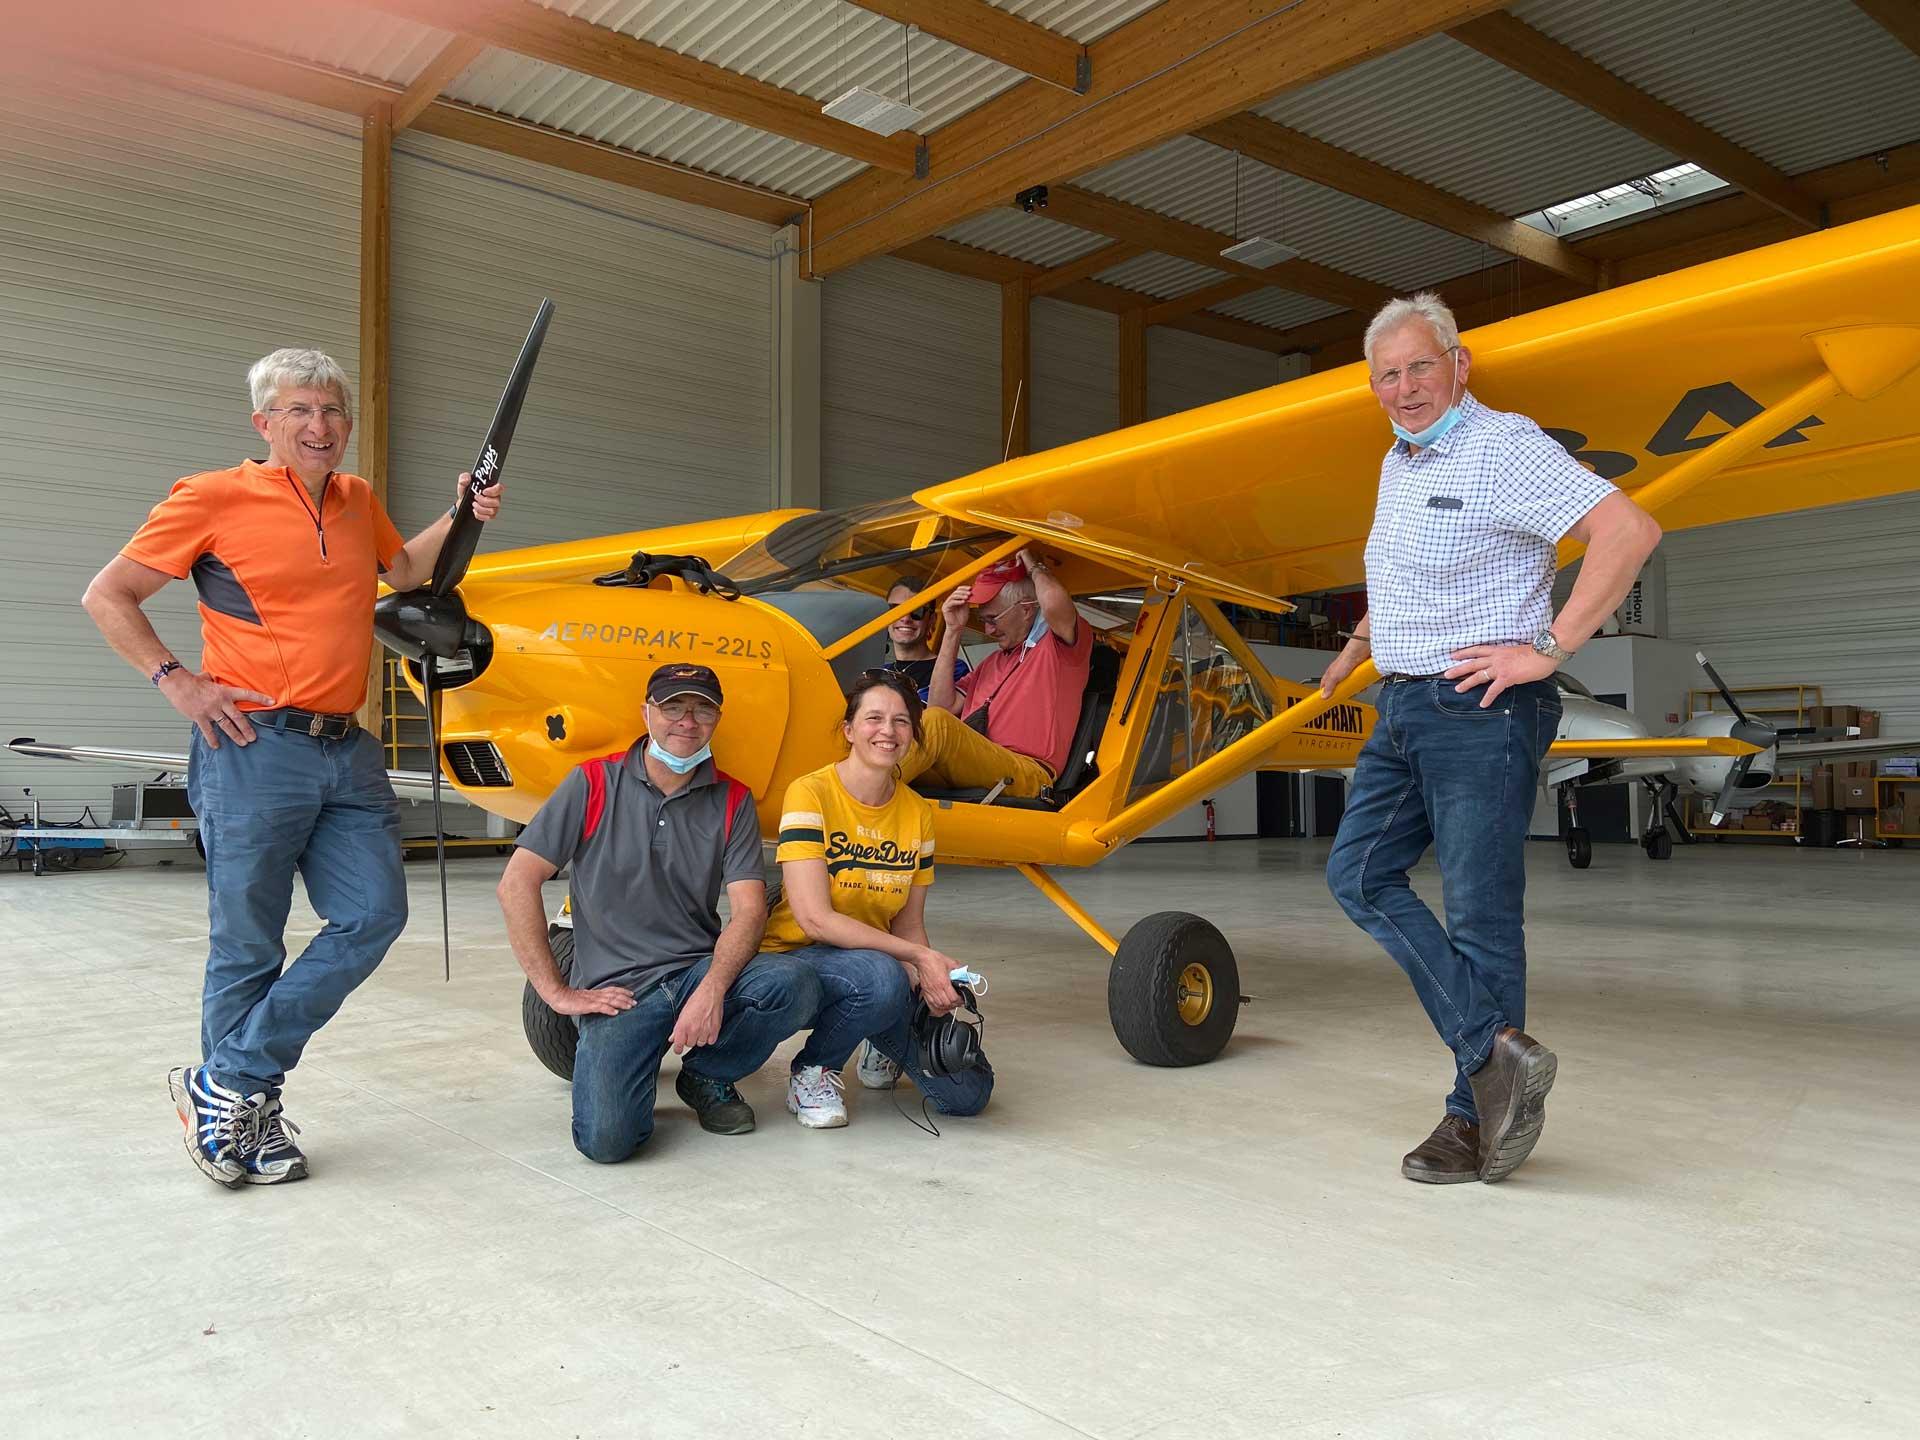 Un nouvel AEROPRAKT A22 LS livré à l'Aéro-club de Haute-Saône à Vesoul